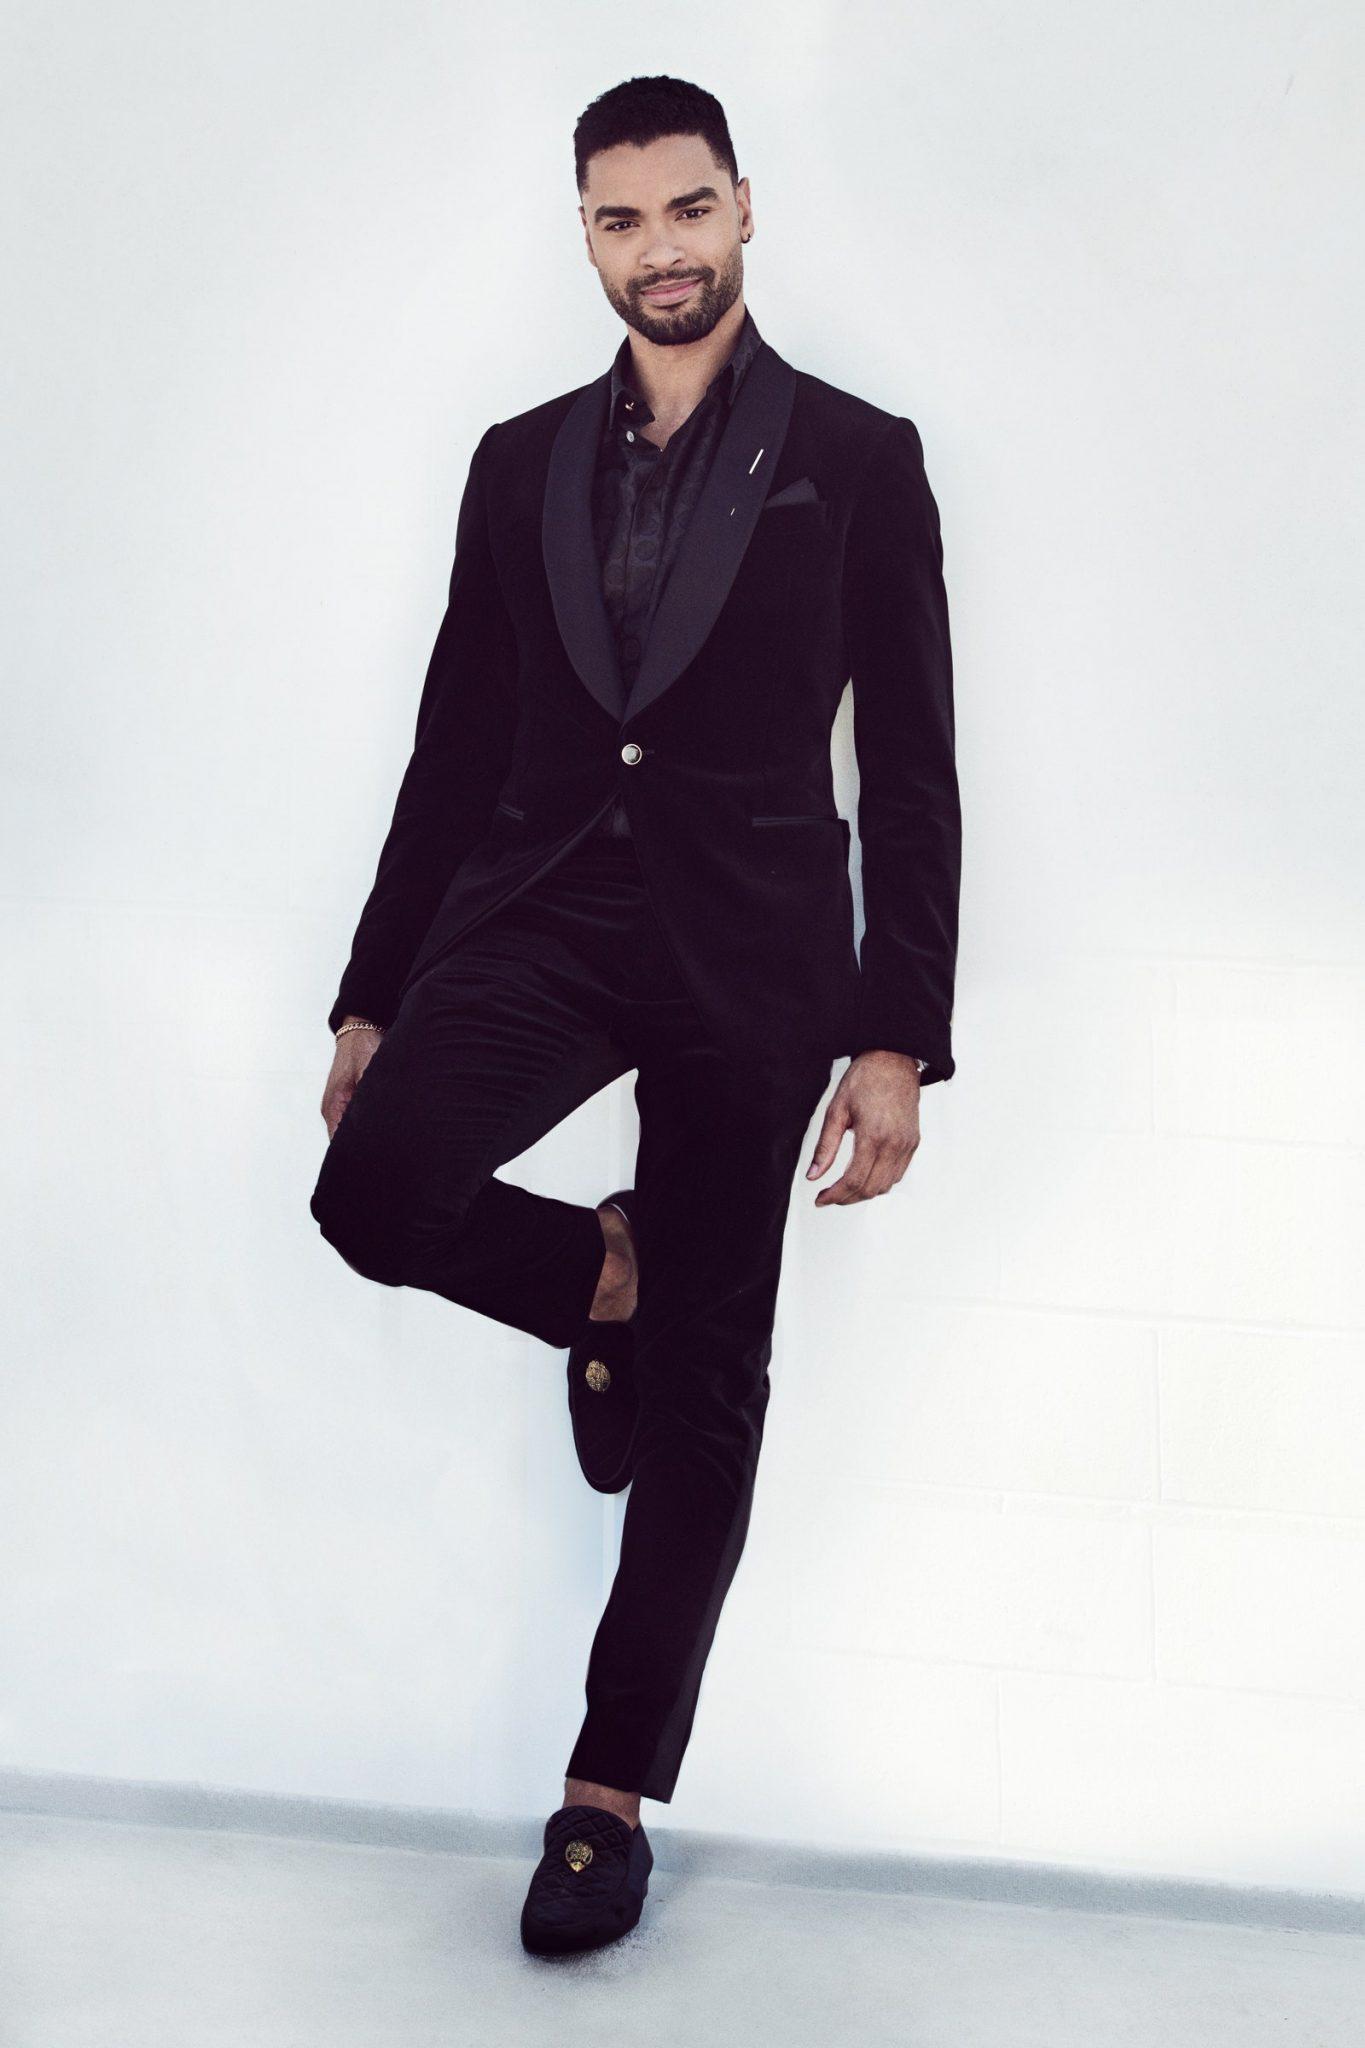 Rege-Jean Page lucio la elegancia masculina con un suit de Louis Vuitton